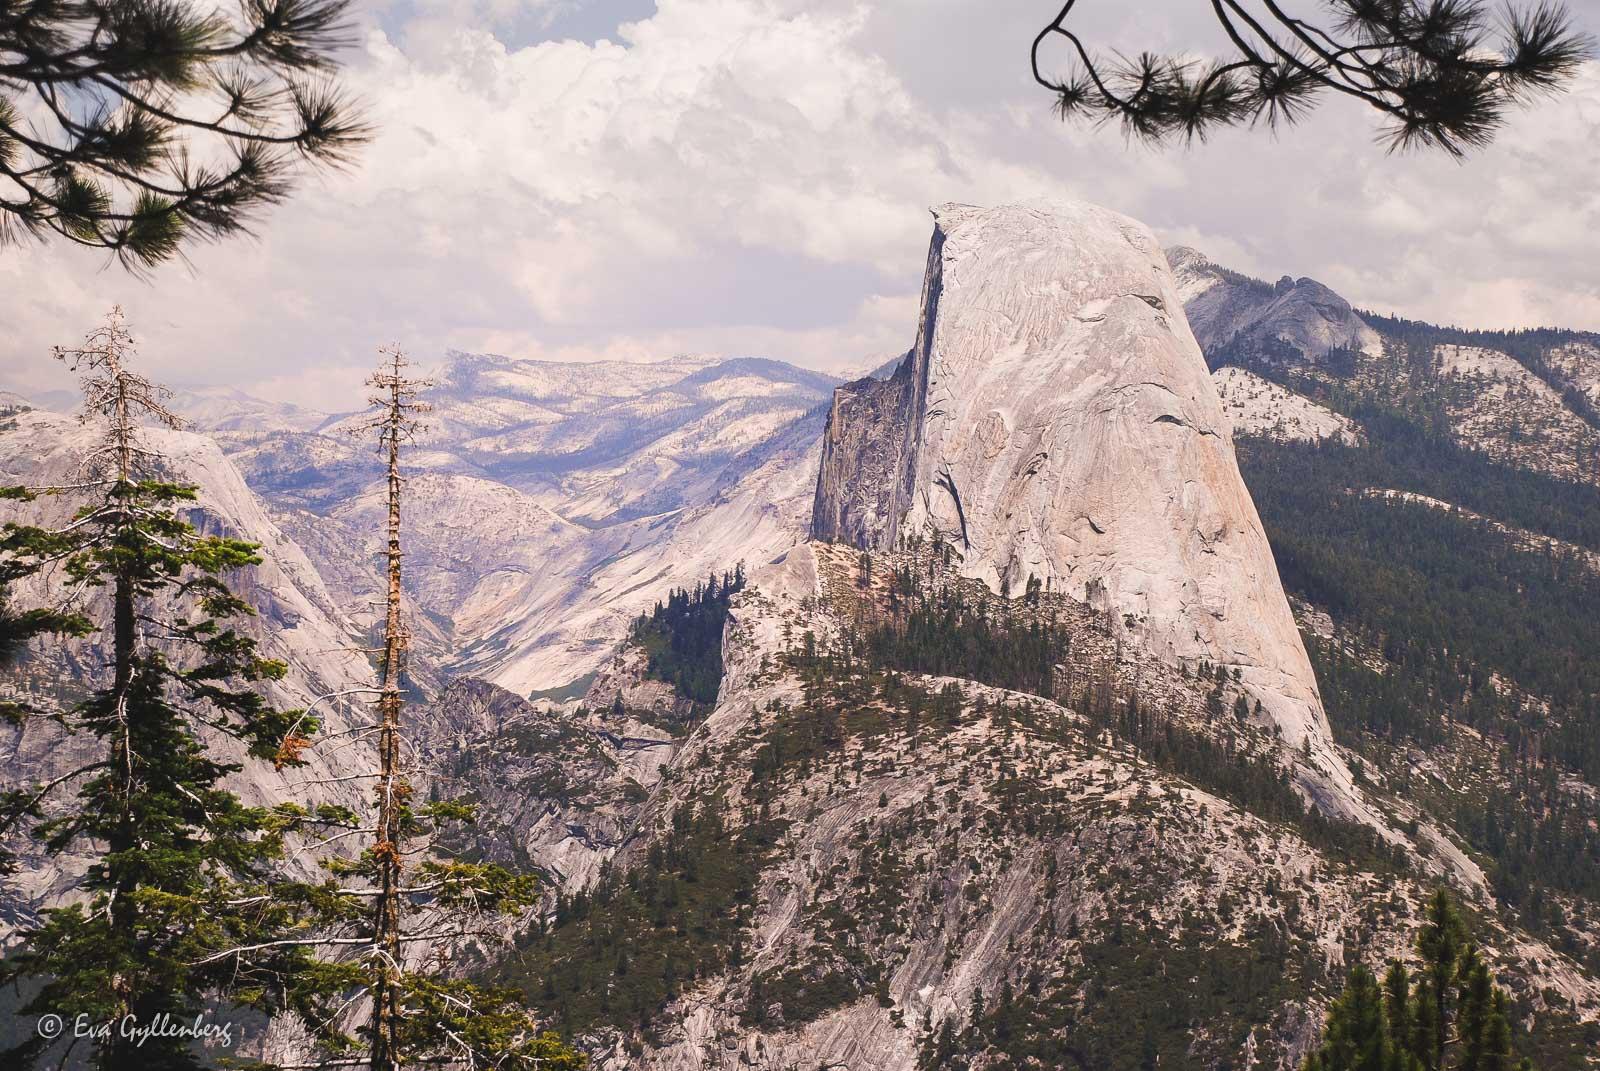 Bildsemester del 1 - Kalifornien i bilder 127